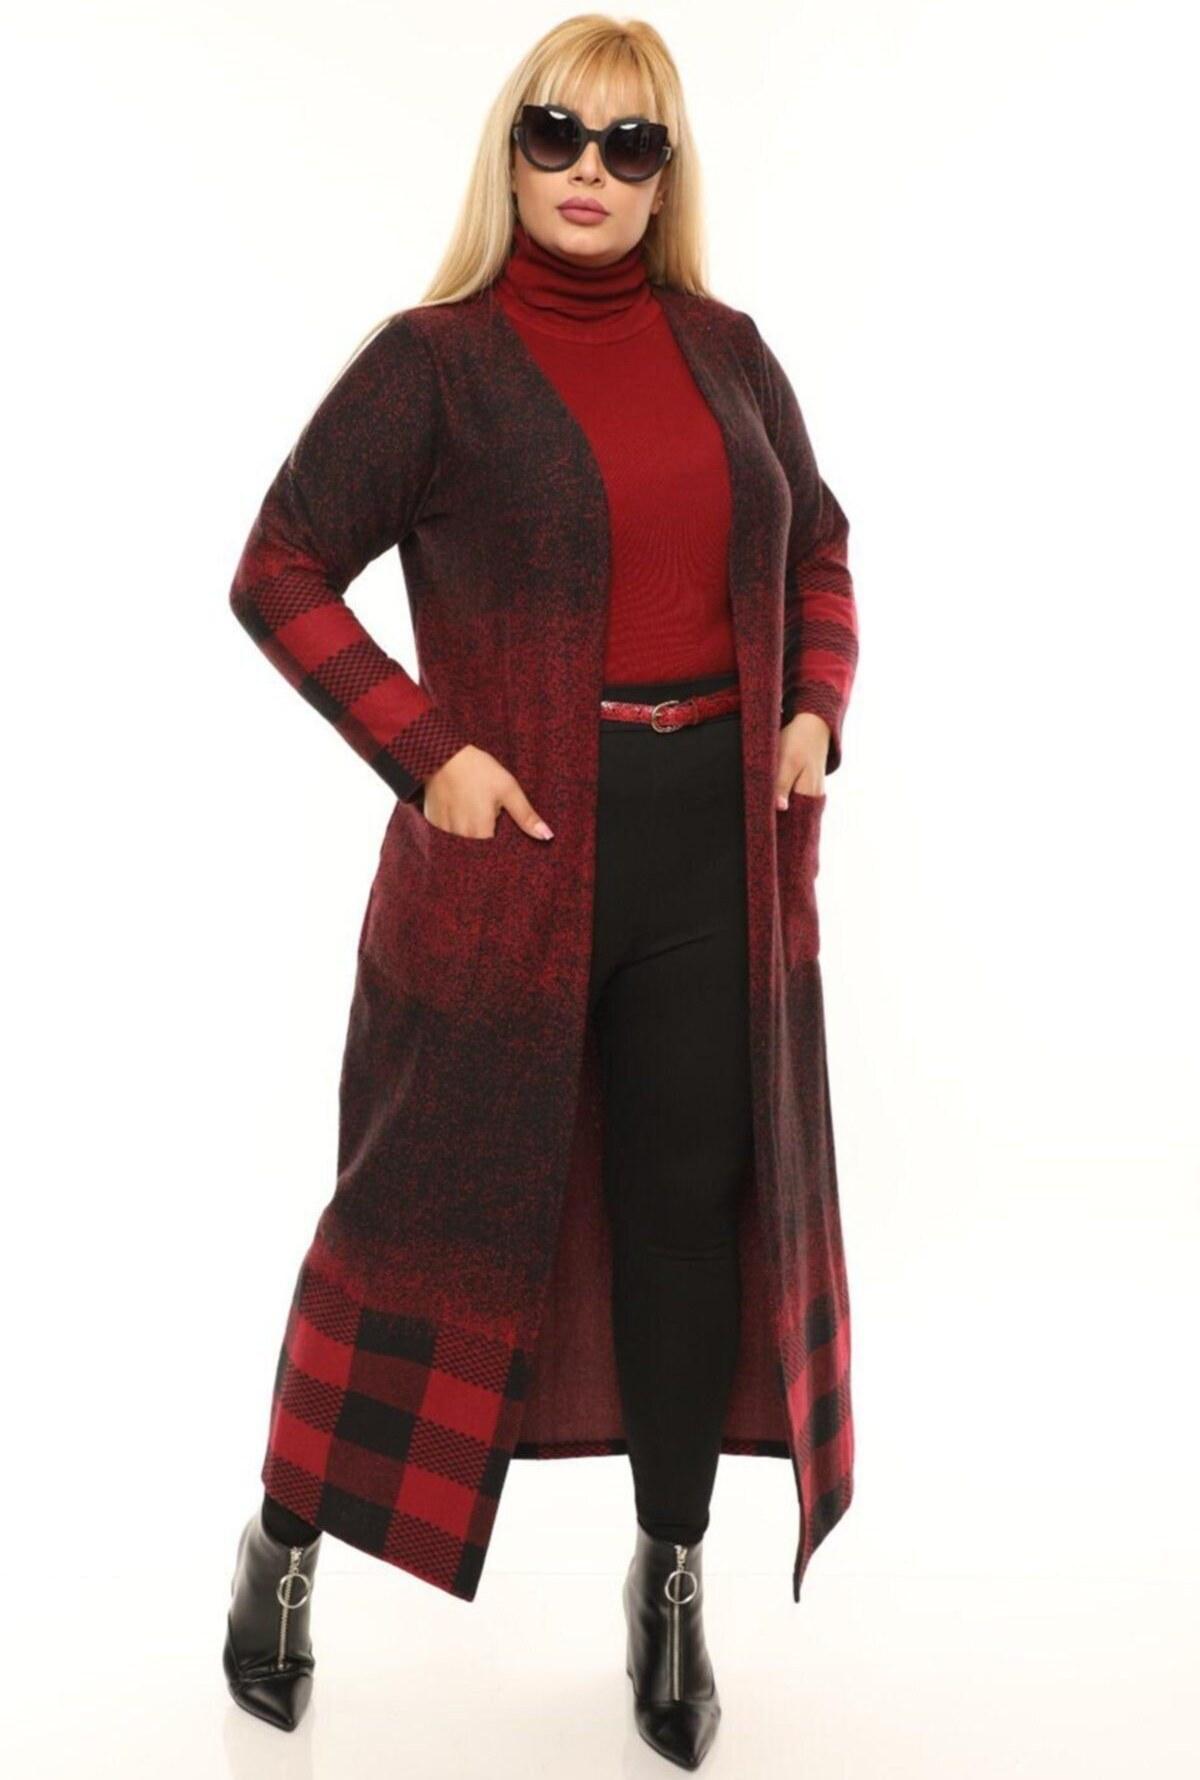 بافتنی بلند طرحدار زنانه قرمز برند Hanezza کد 1600505762